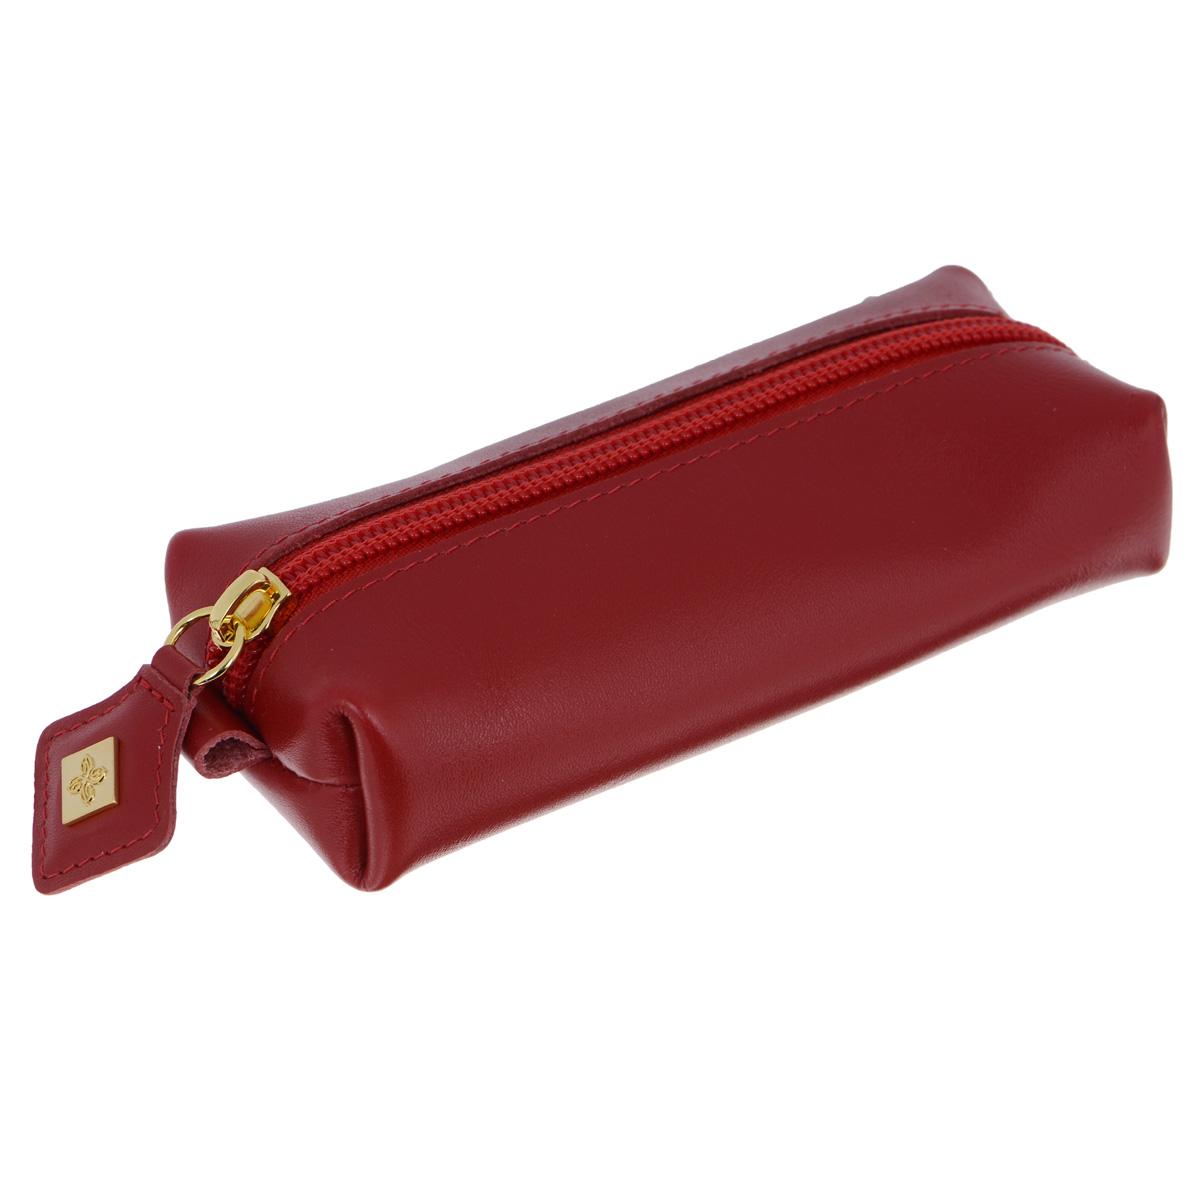 Ключница Dimanche Elite, цвет: красный. 84139864|Серьги с подвескамиСтильная ключница Dimanche Elite Purpur изготовлена из натуральной кожи. Модель оформлена небольшой металлической пластиной с логотипом бренда. Ключница закрывается на застежку-молнию. Внутреннее отделение дополнено хлястиком с металлическим кольцом для крепления ключей.Модная ключница прекрасно дополнит ваш образ и станет незаменимым аксессуаром на каждый день.